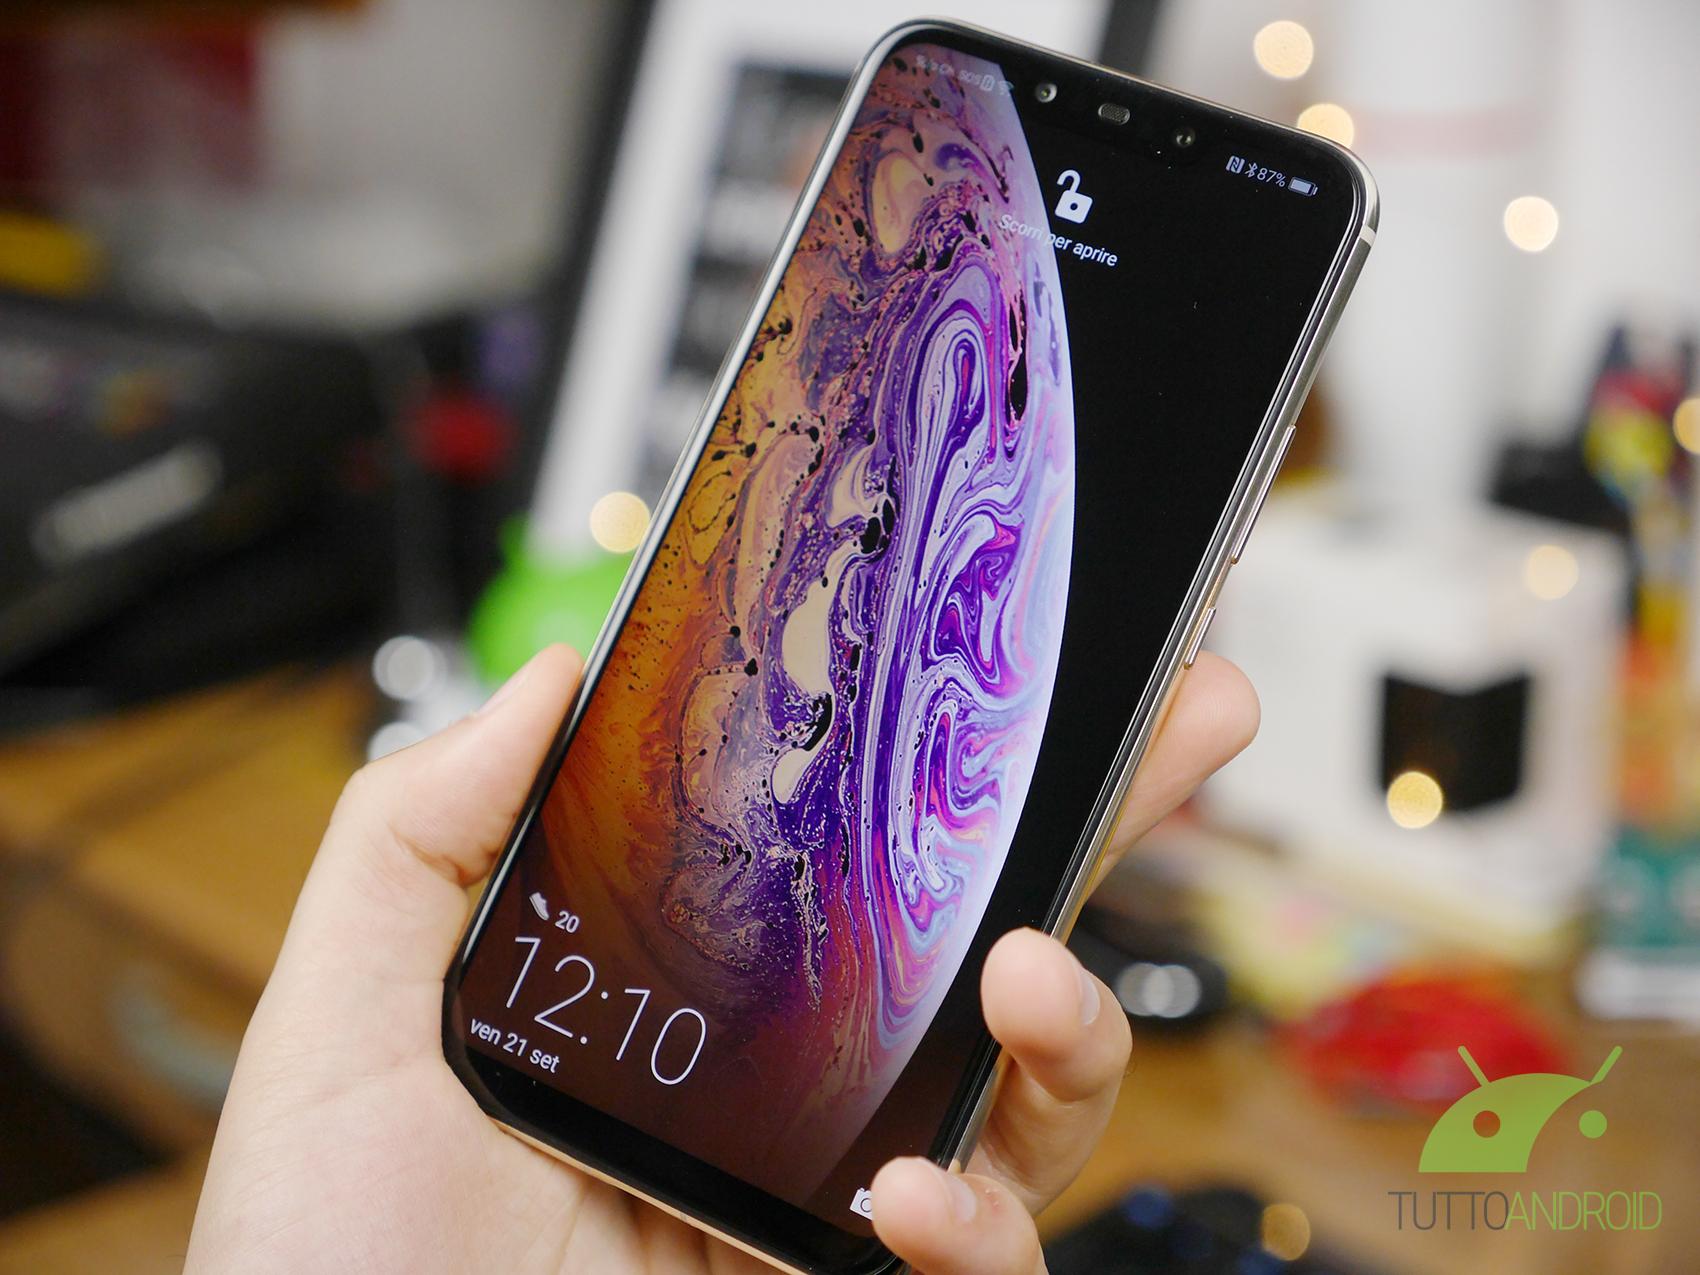 Trasformate Qualsiasi Smartphone Android In Un Iphone Xs Con Una